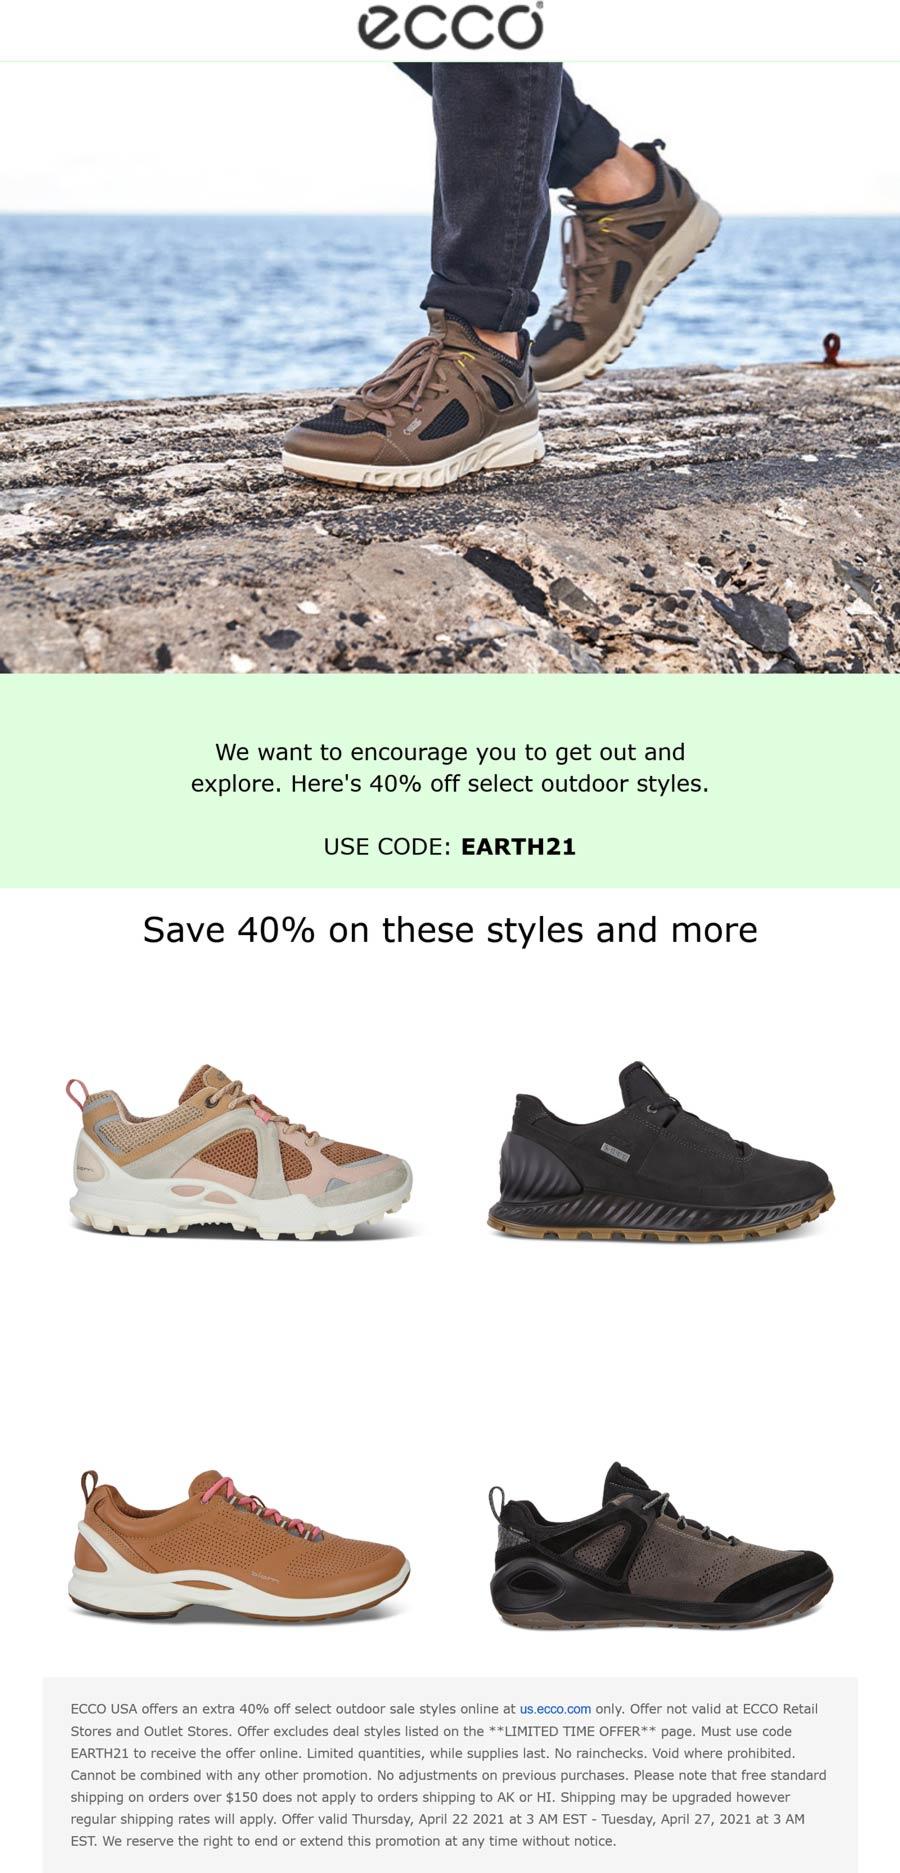 ECCO stores Coupon  40% off outdoor styles at ECCO via promo code EARTH21 #ecco